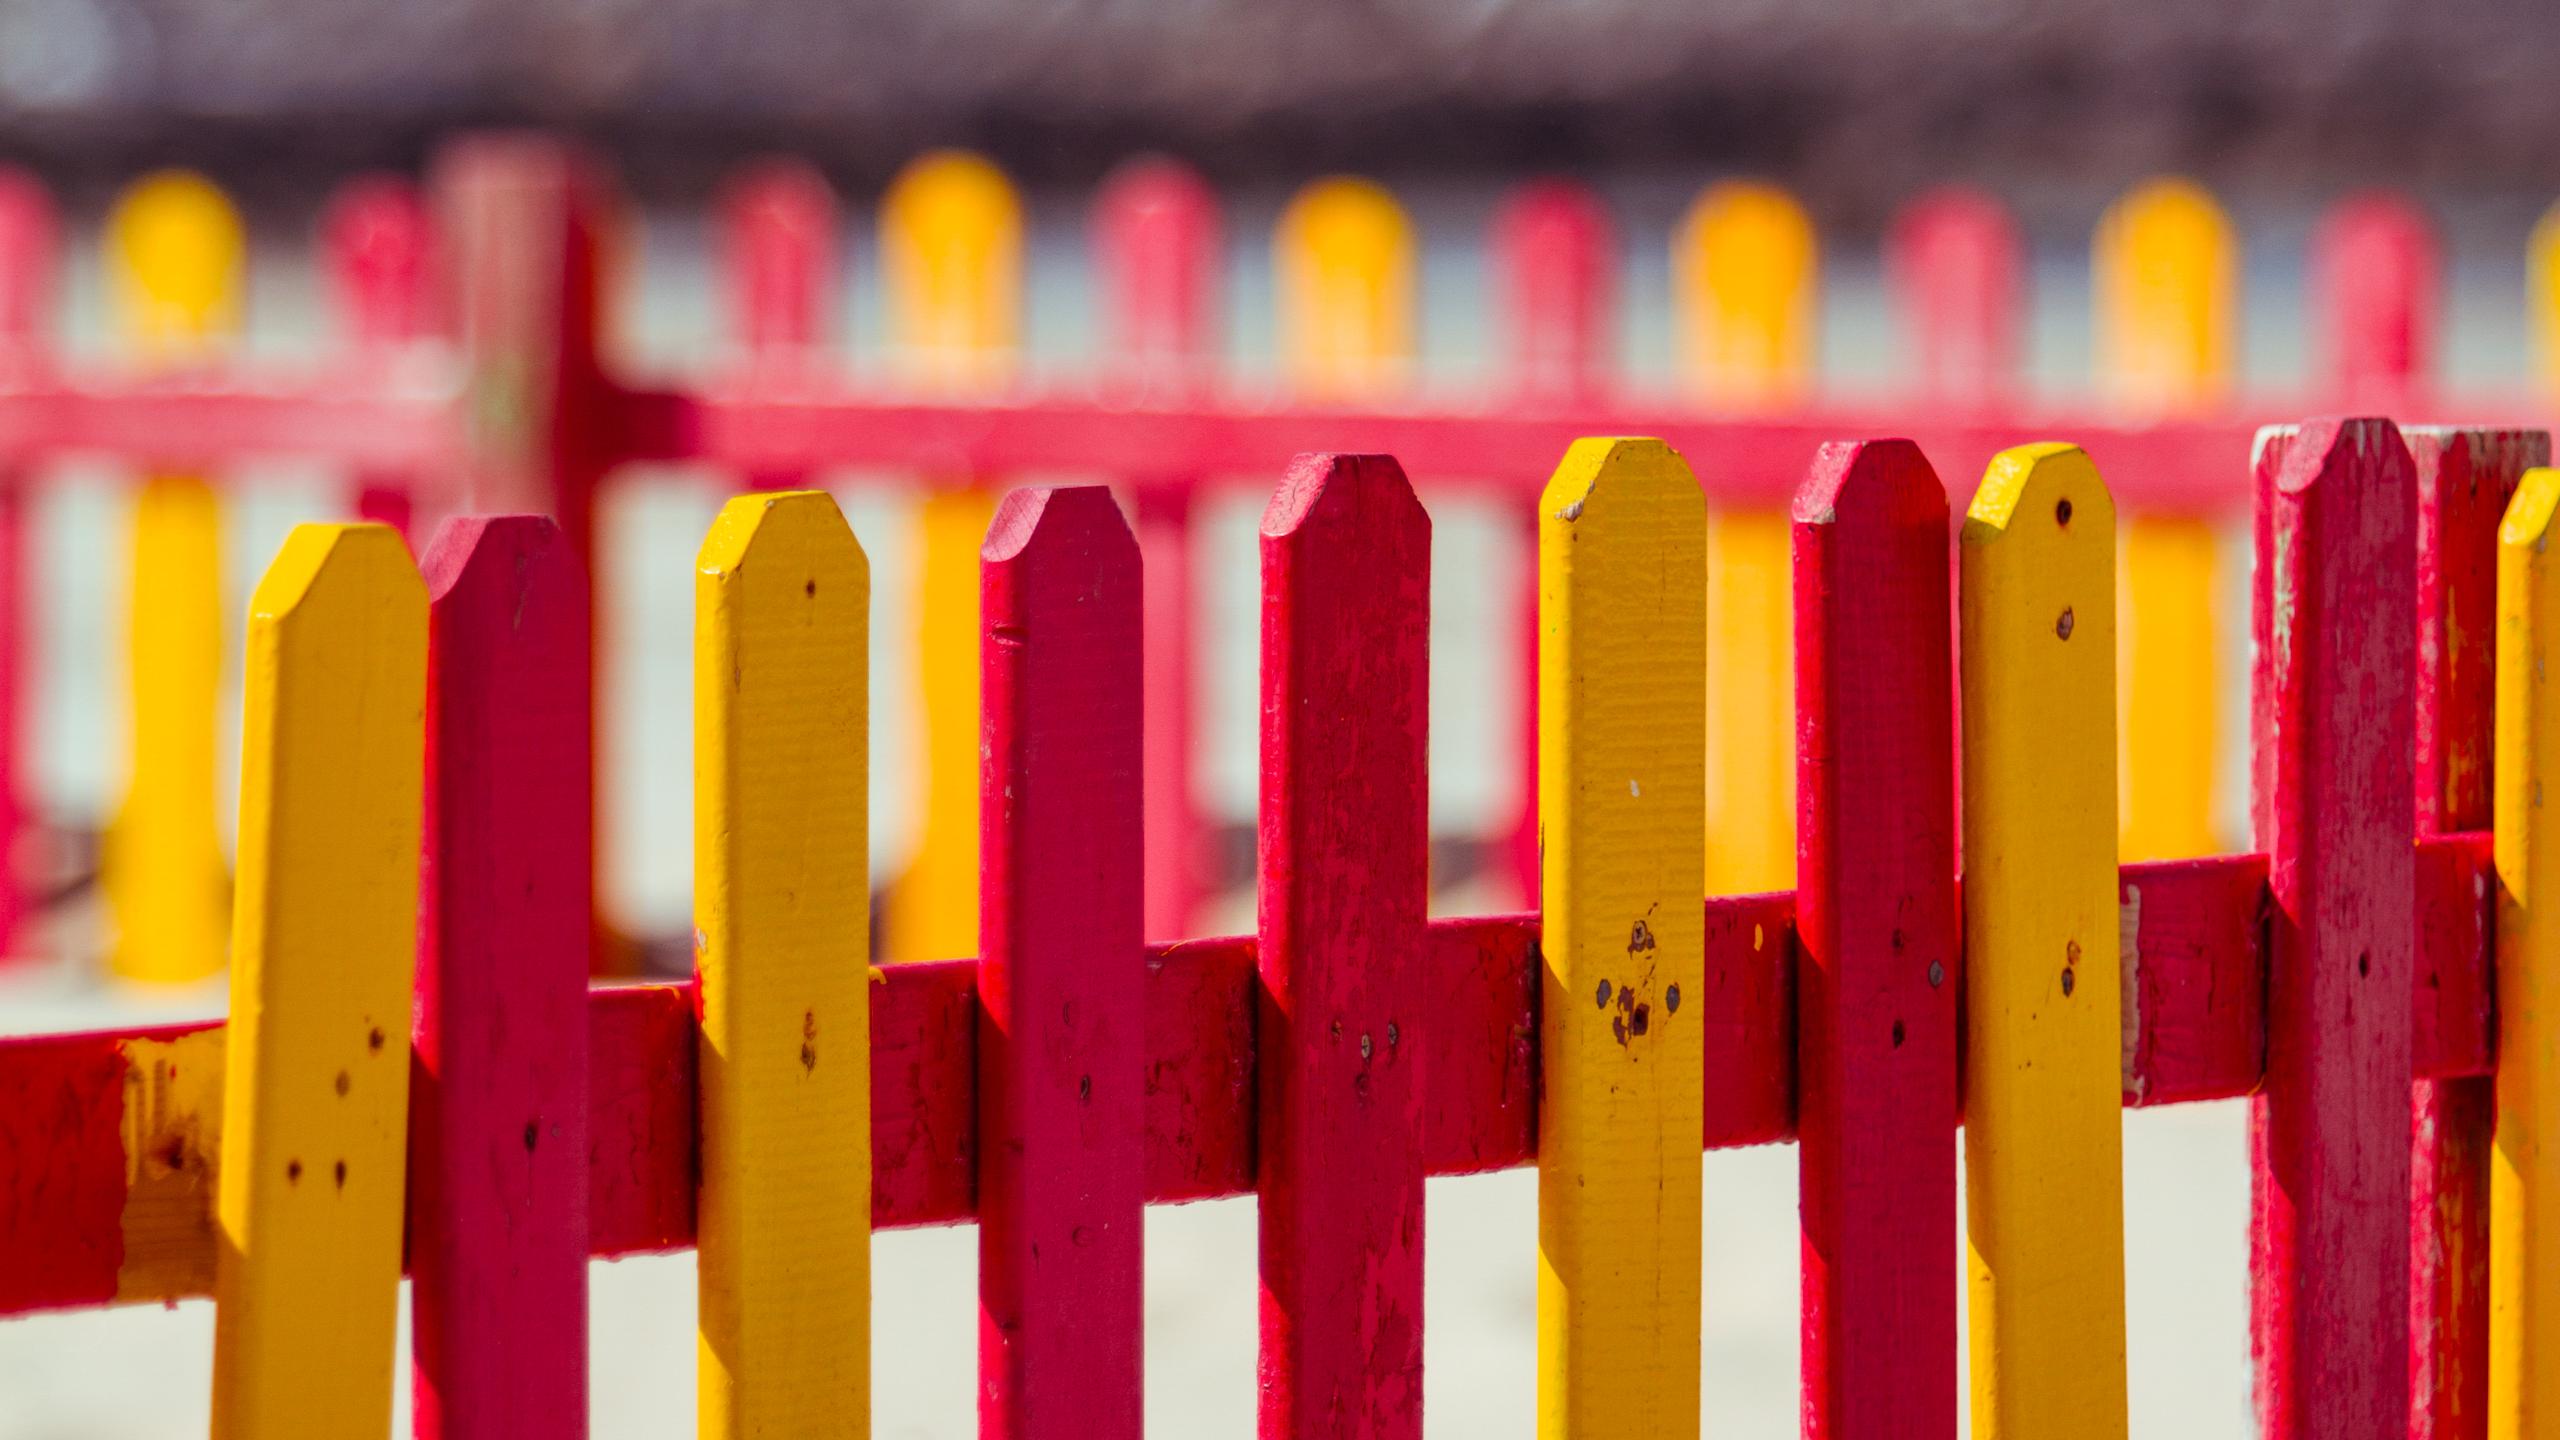 Fence Wallpaper by Pierre-Lagarde